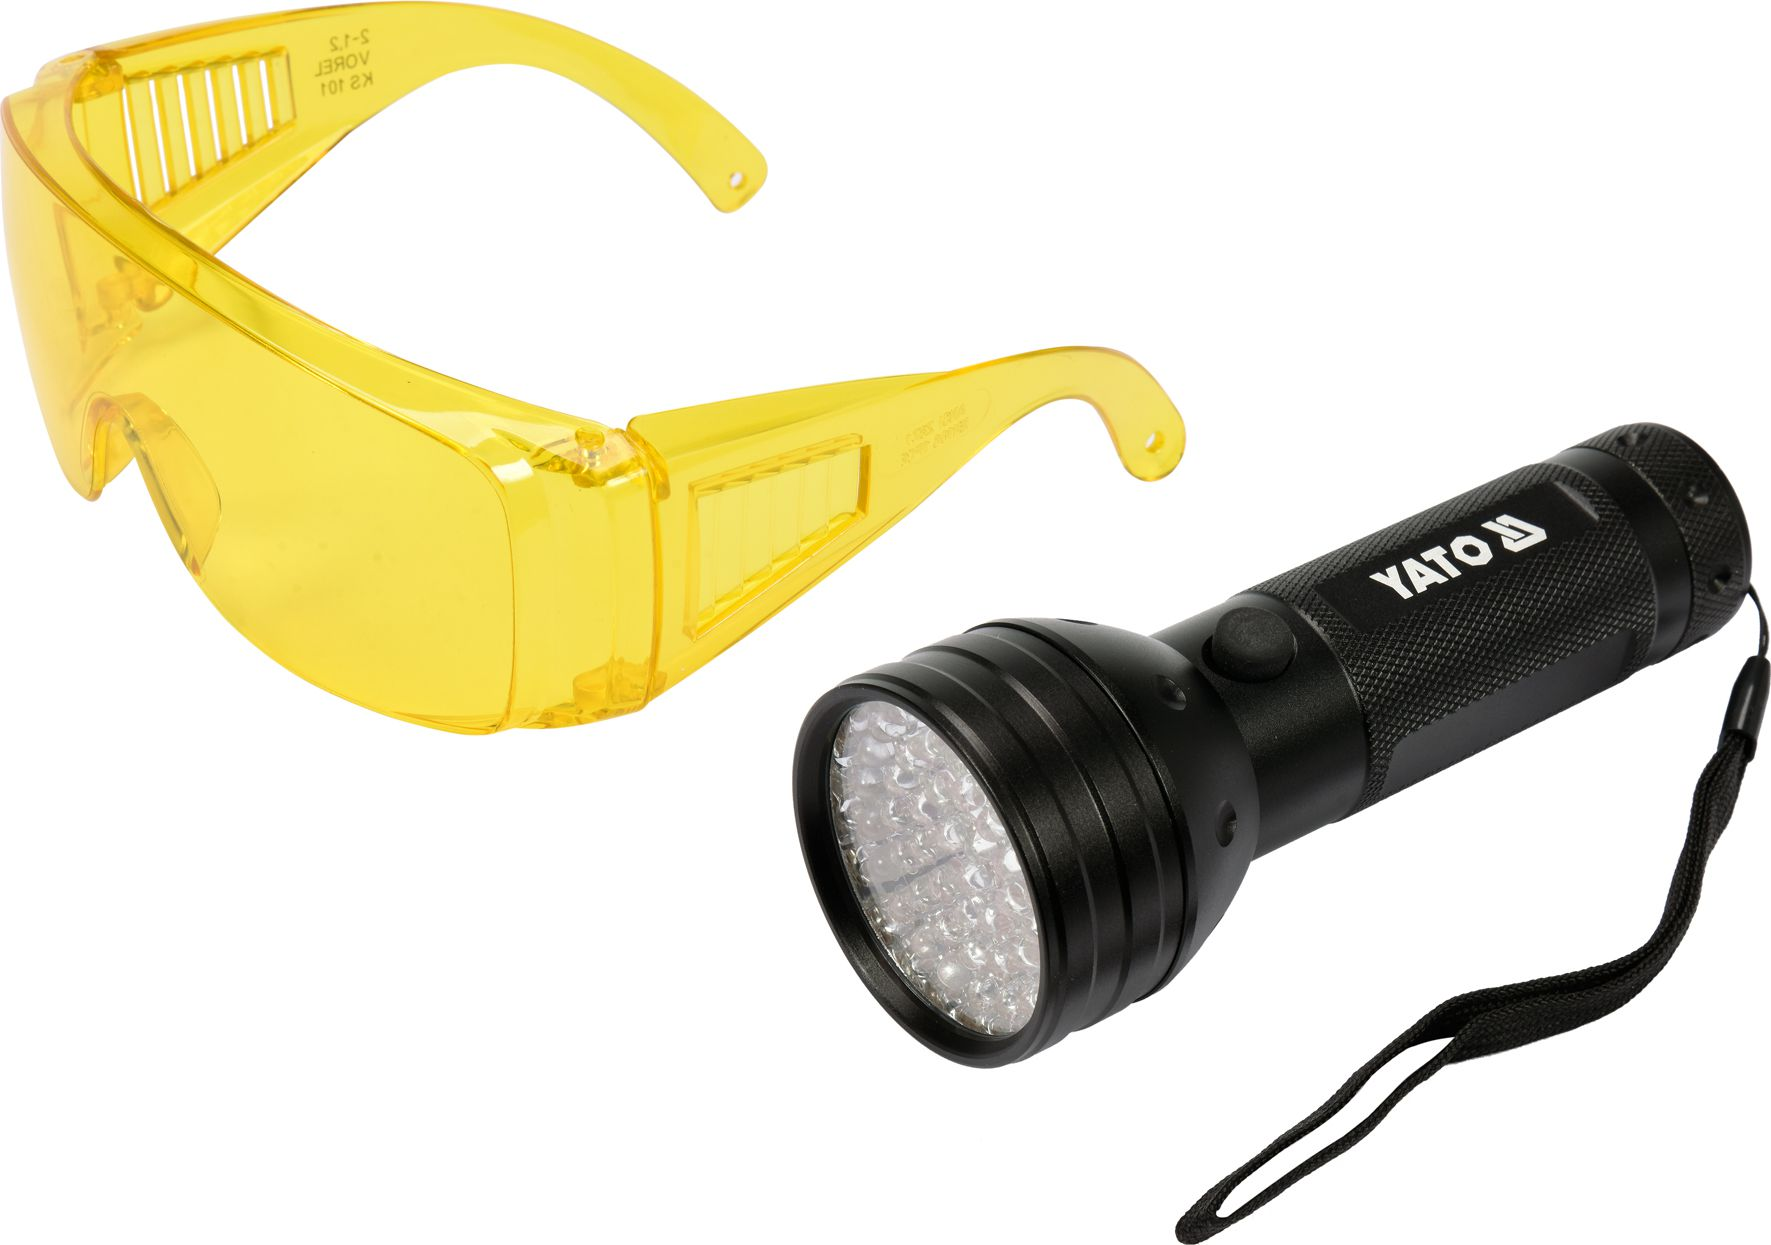 Yato Flashlight UV 51 LED 3 x 1.5V + glasses (YT-08581) kabatas lukturis